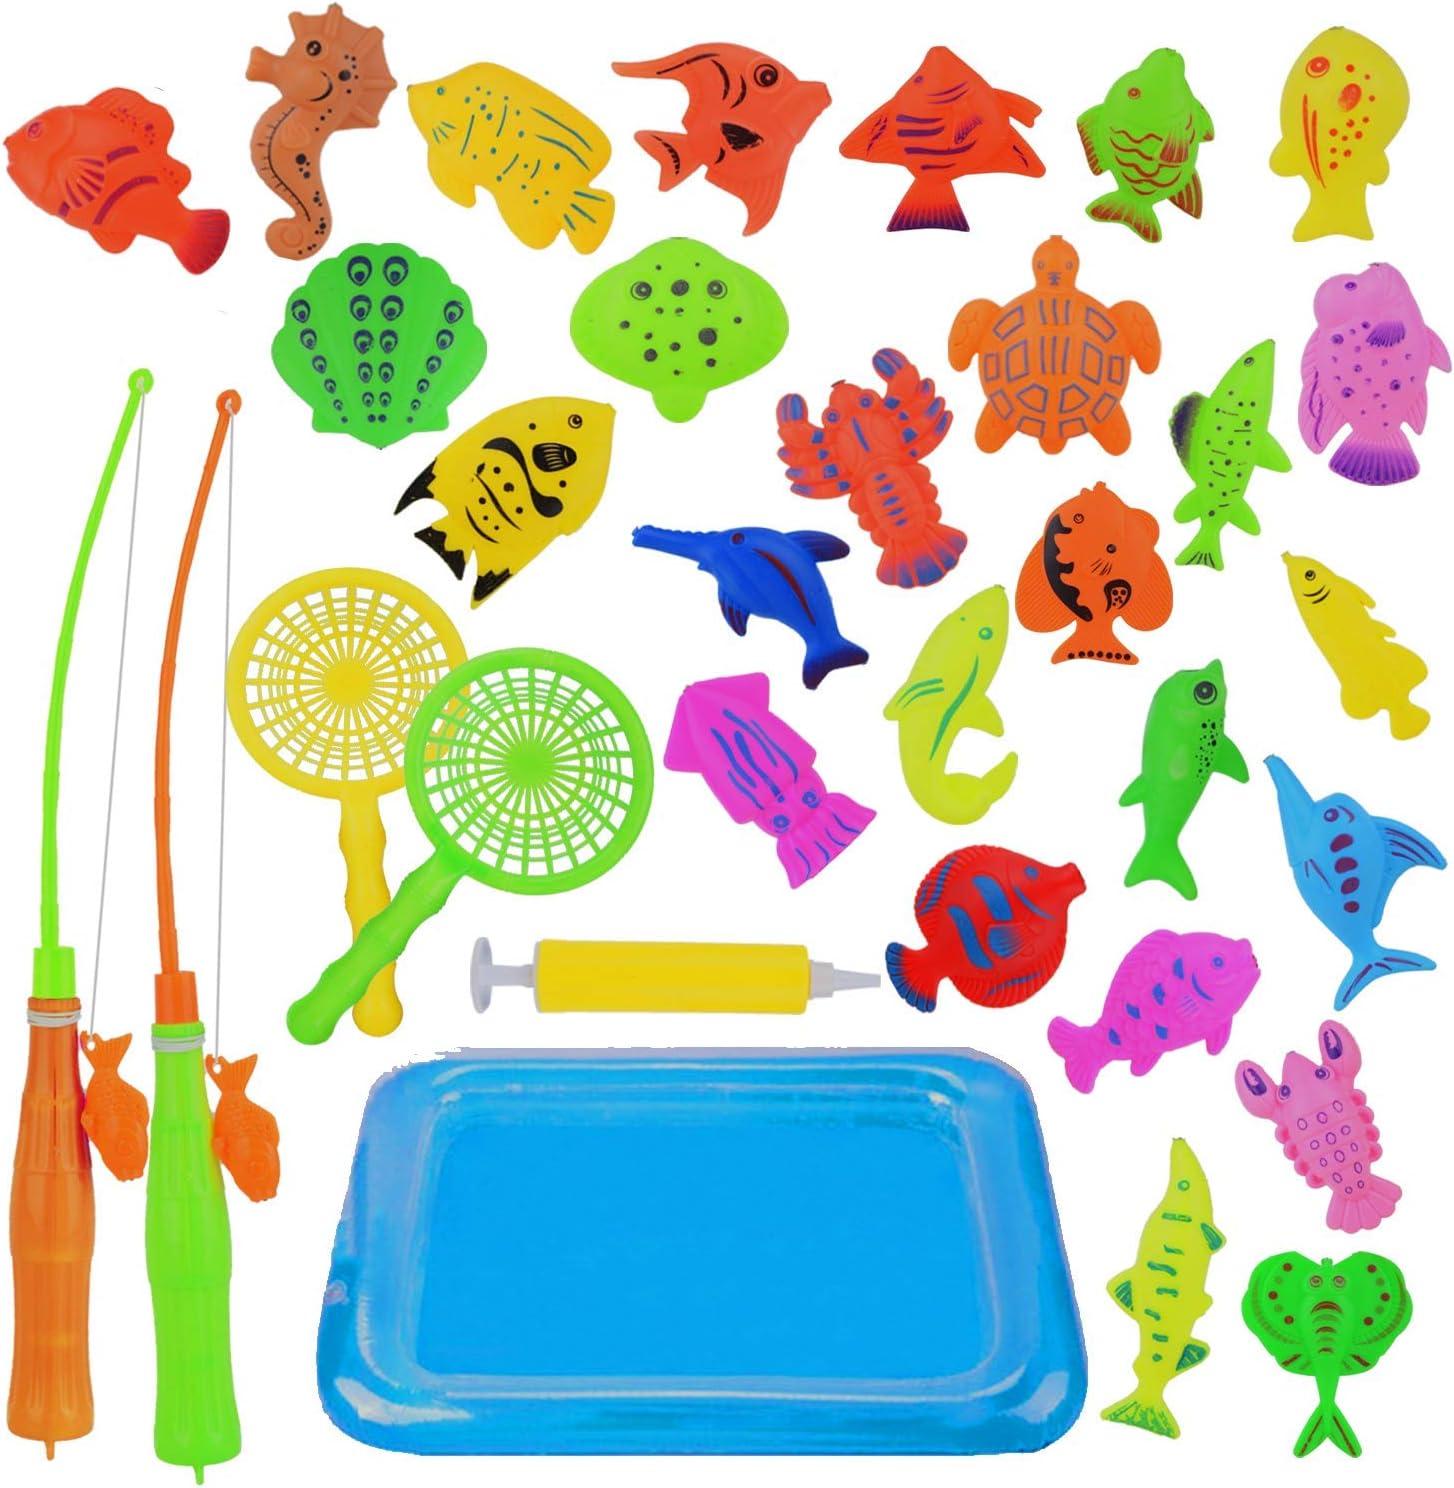 Abree Juego de Pesca Magnética(26 Peces) - Juguete Educativo&Interactivo de Pesca con Caña - Juguetes de Piscina & Bañera para Niños - Juego Acción&Juguete Reflejo para Bebé/Niños (2 - 5 a